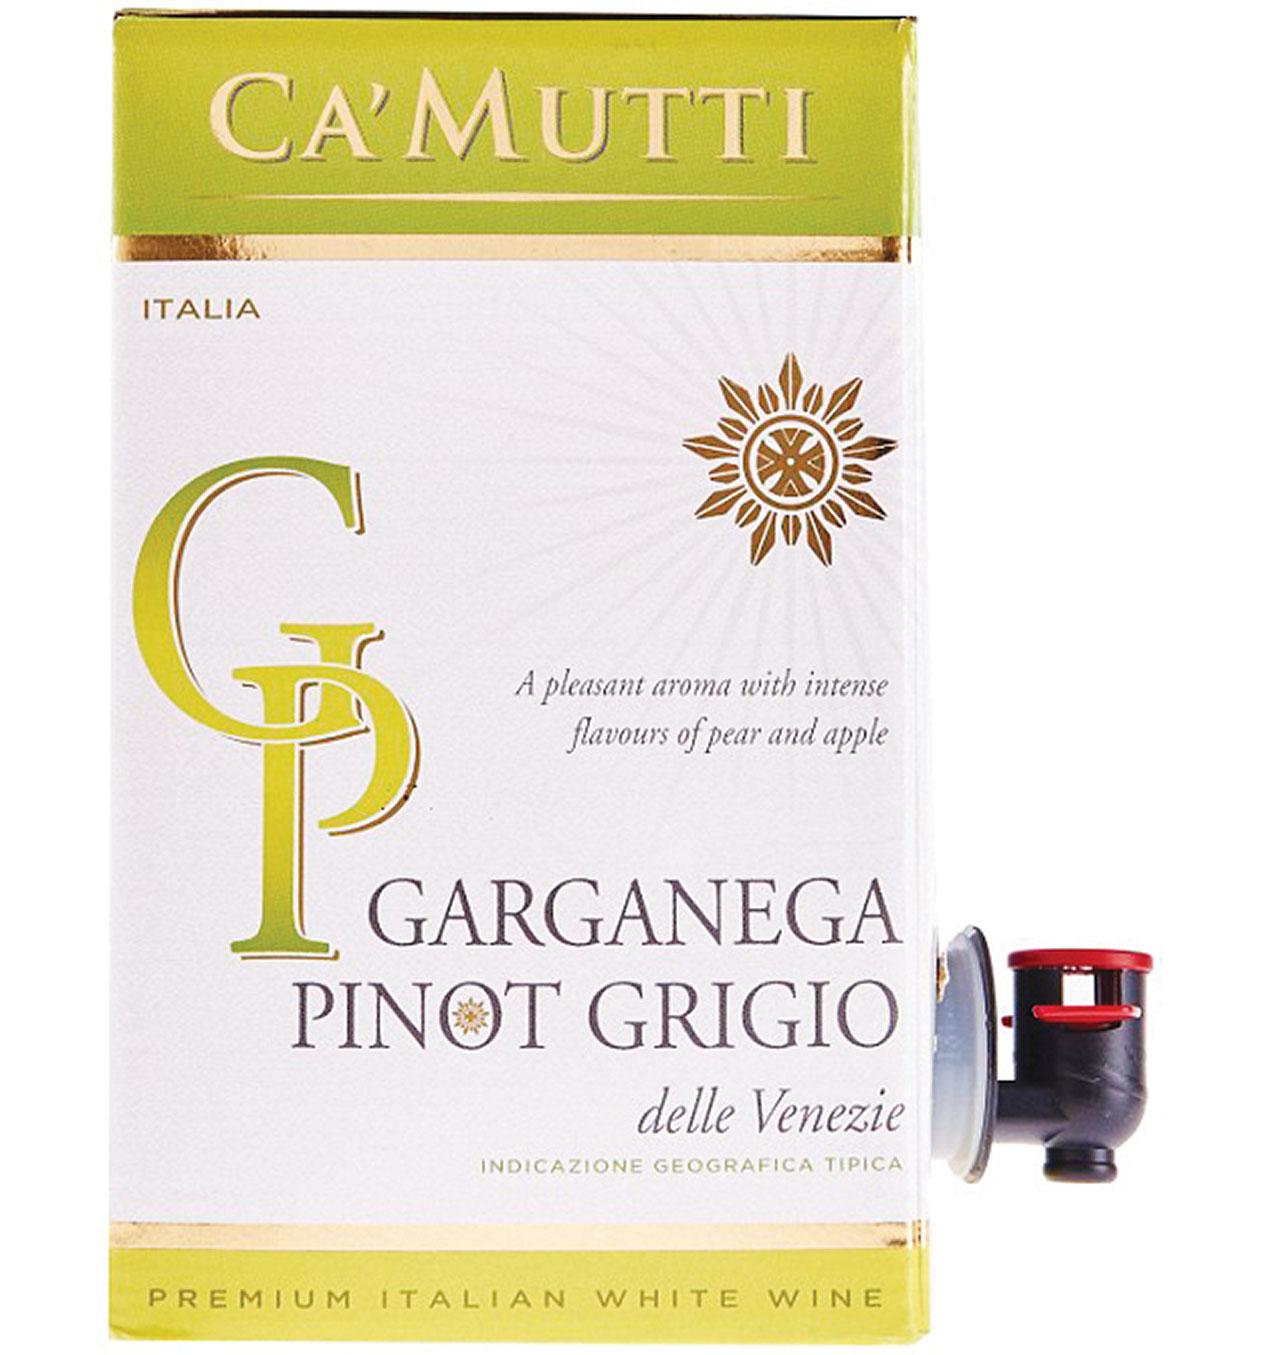 Ca'Mutti Garganega Pinot Grigio, Venezie